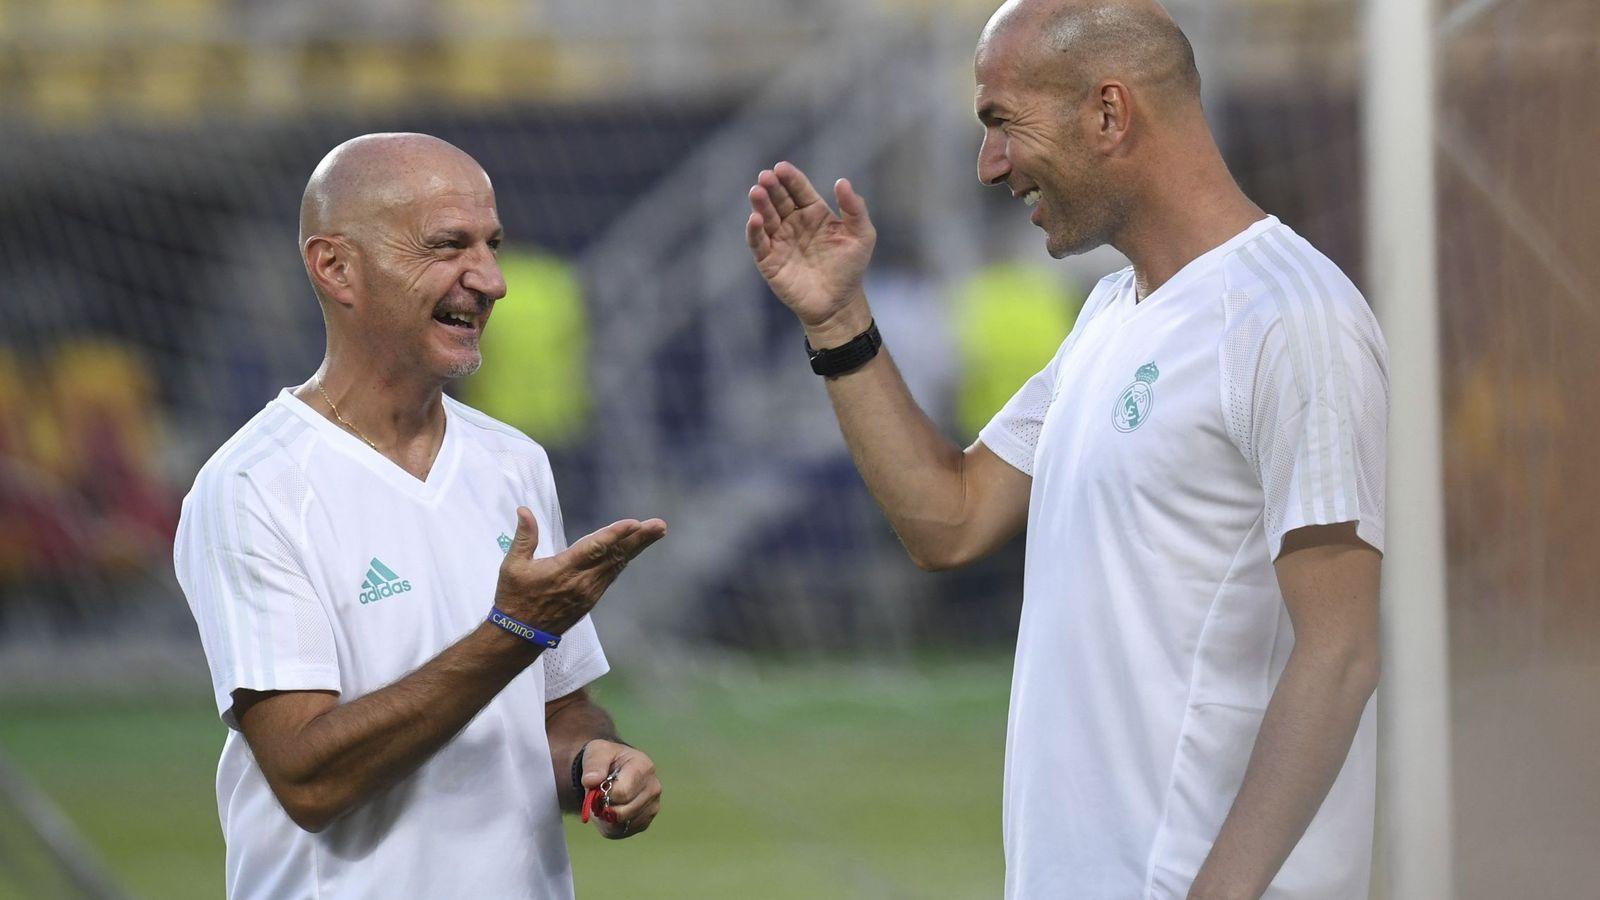 Foto: El entrenador del Real Madrid, Zinedine Zidane (d), y el preparador físico, Antonio Pintus (i), durante un entrenamiento en esta pretemporada. (EFE)